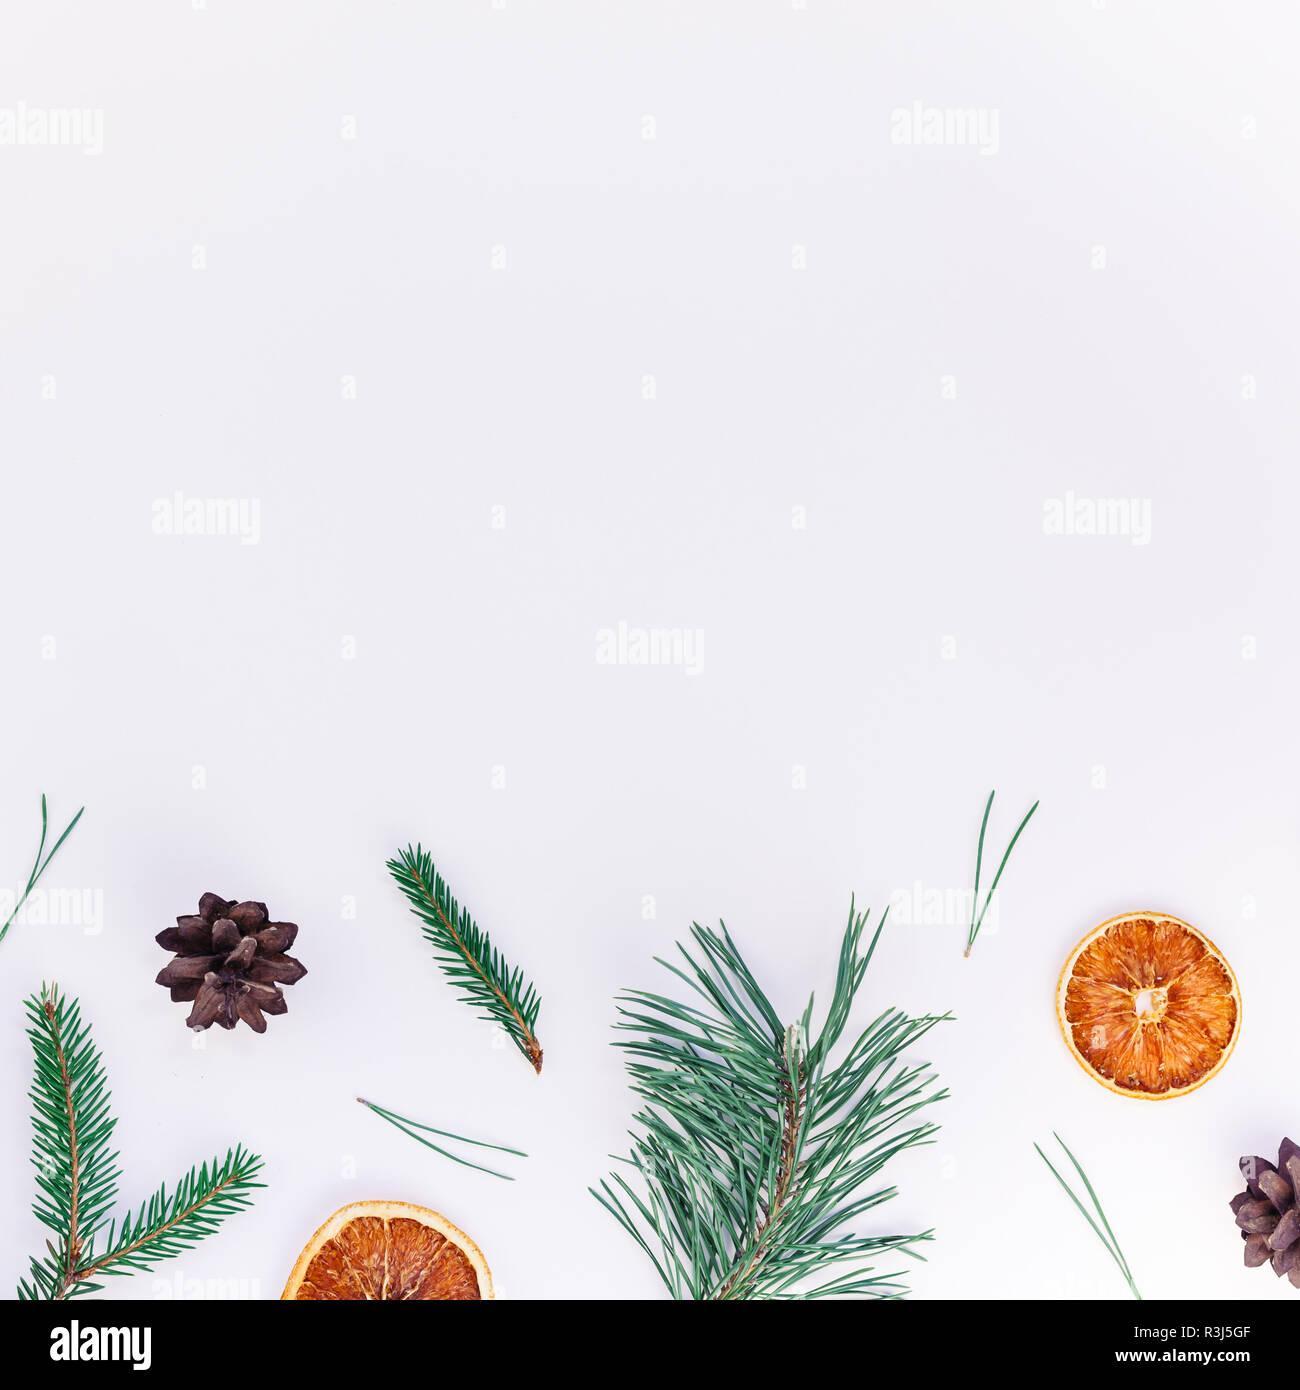 Tannenbaum Muster.Neues Jahr Weihnachten Muster Flache Ansicht Von Oben Weihnachten